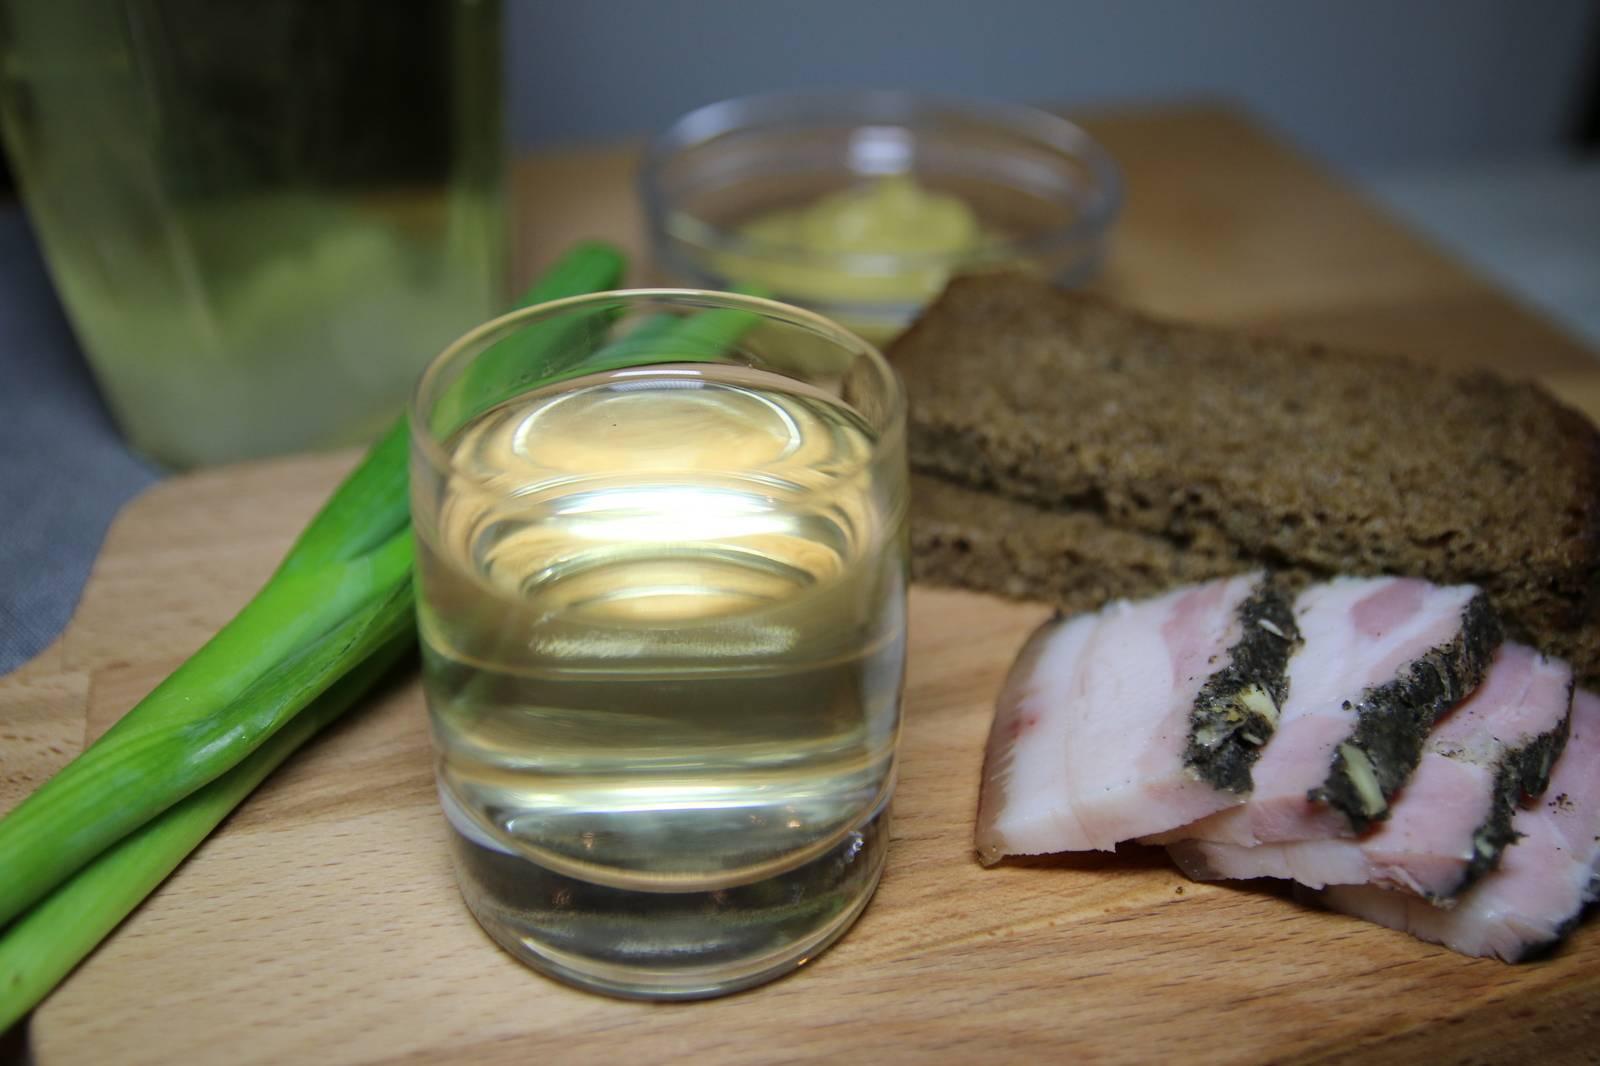 Настойка на хрене - хреновуха: рецепты на водке и самогоне